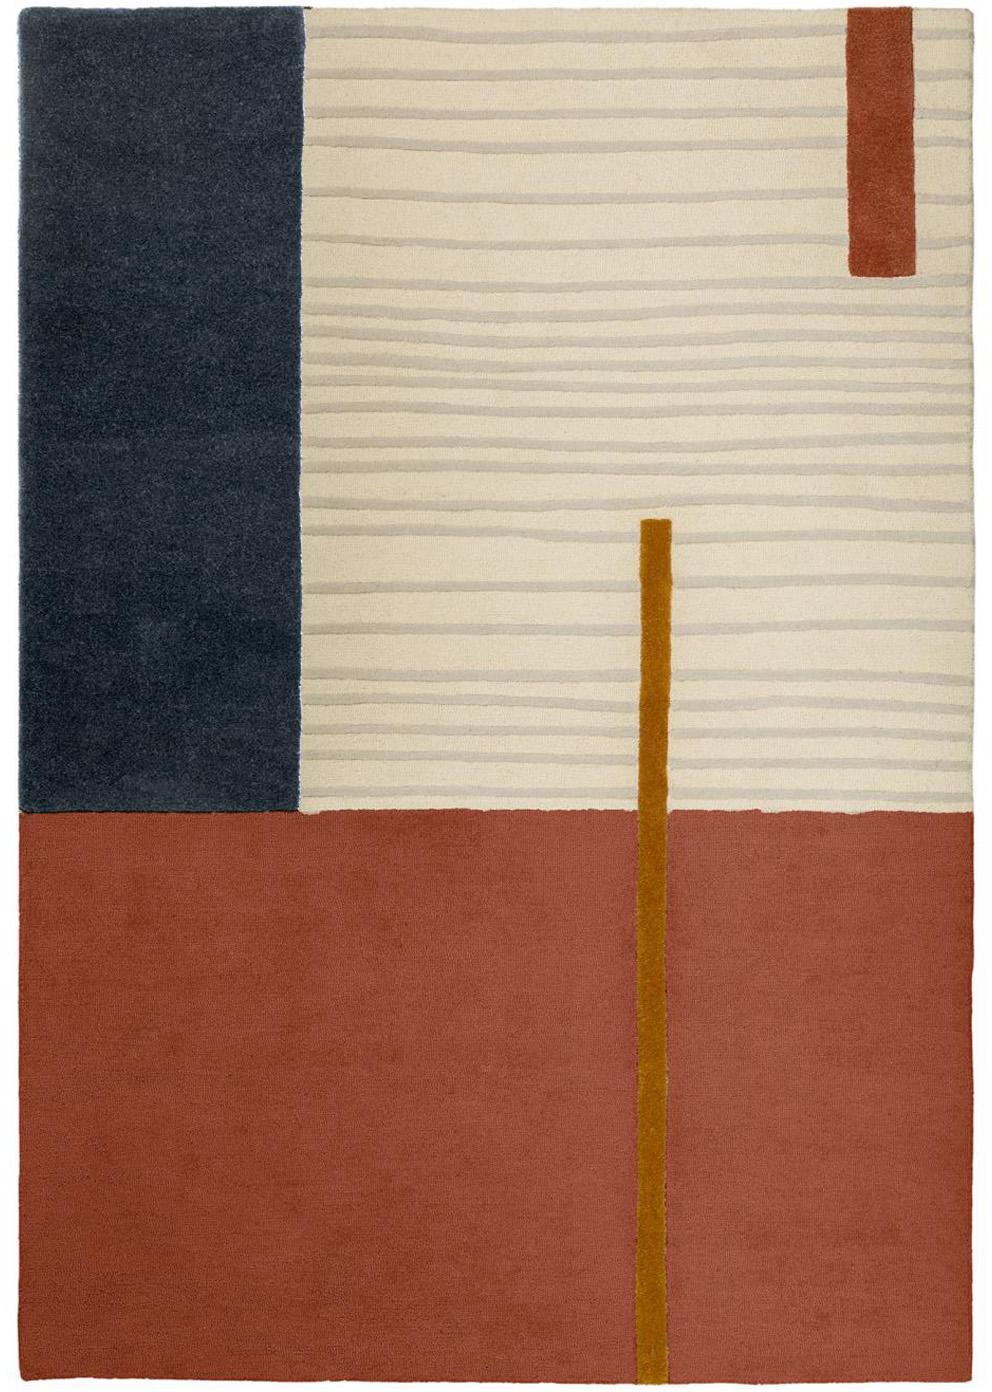 Dywan z wełny Bahiti, Tkanina, Wielobarwny, S 160 x D 230 cm (Rozmiar M)